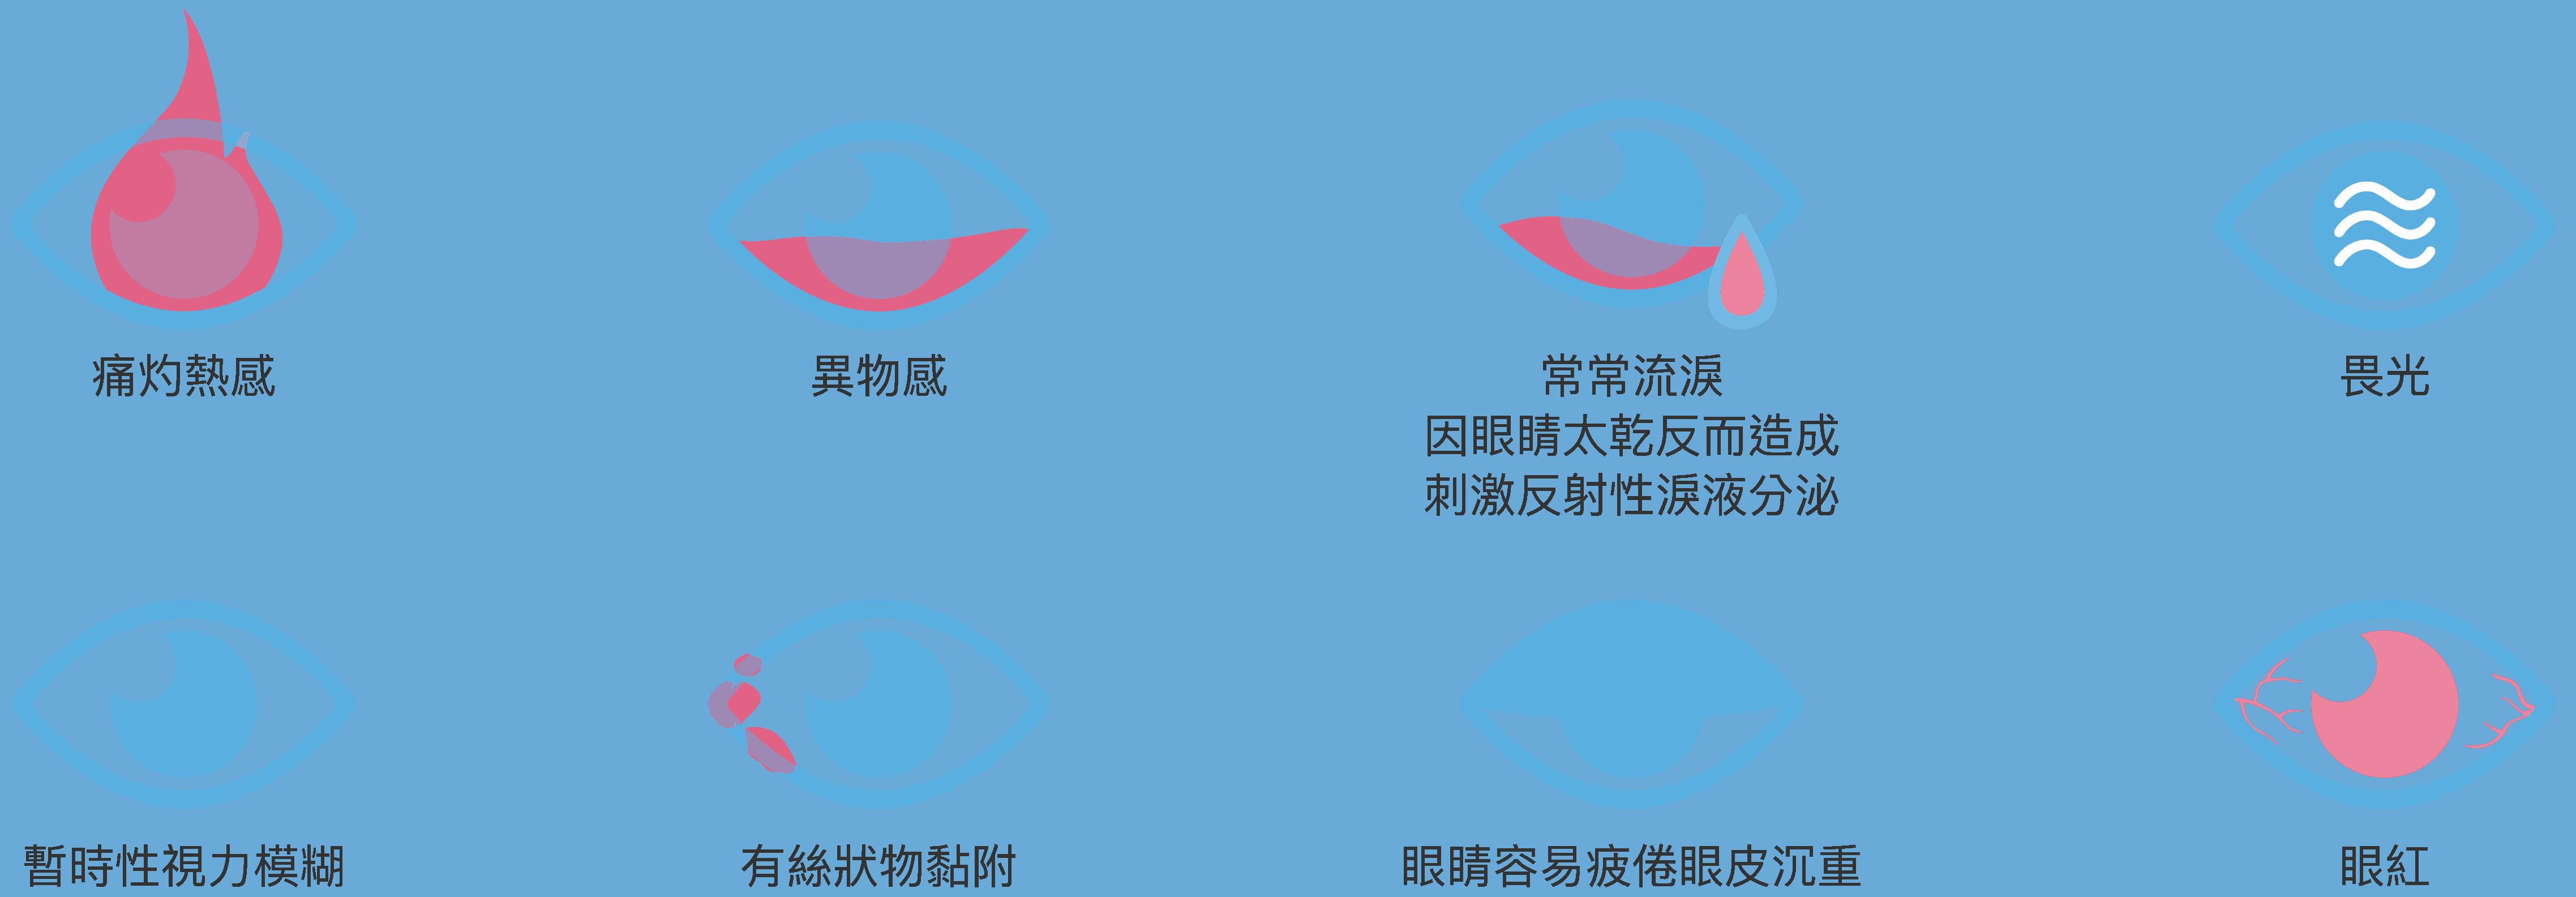 services_P6-02